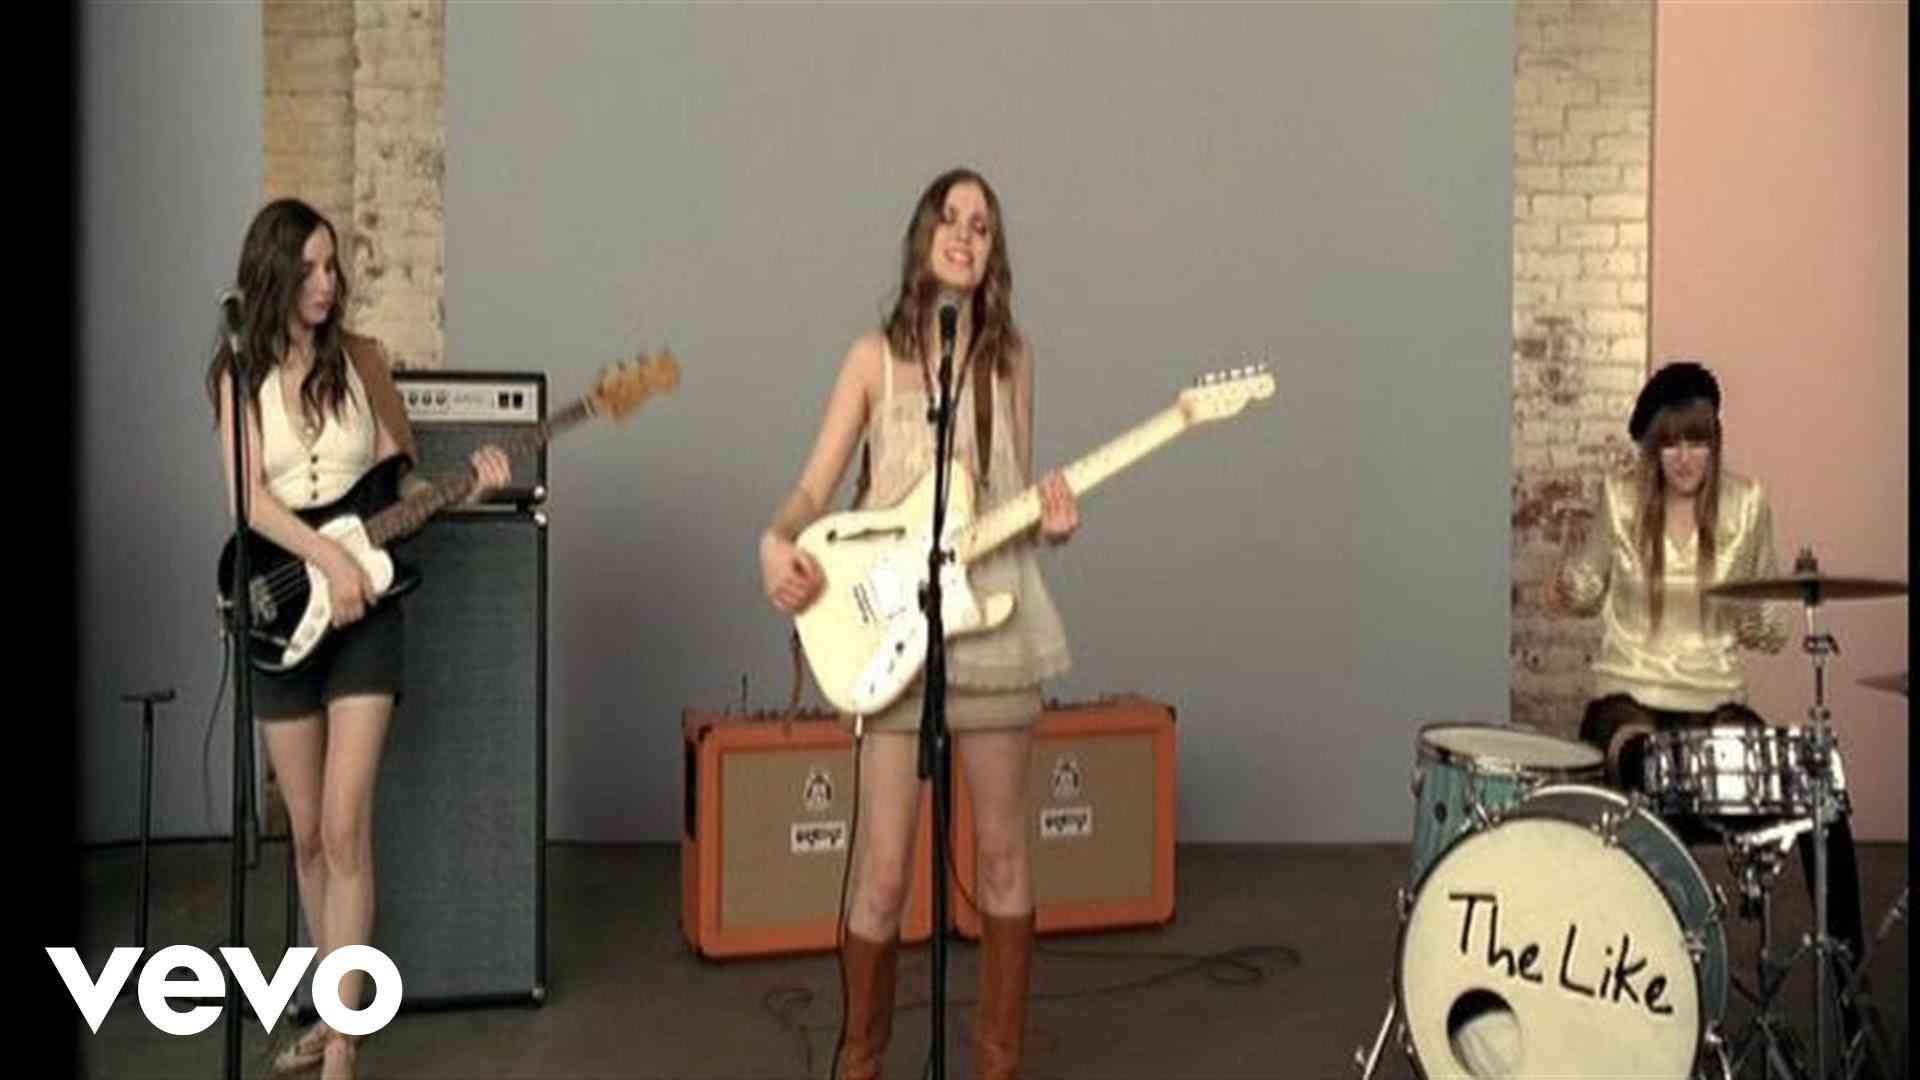 The Like - June Gloom - YouTube